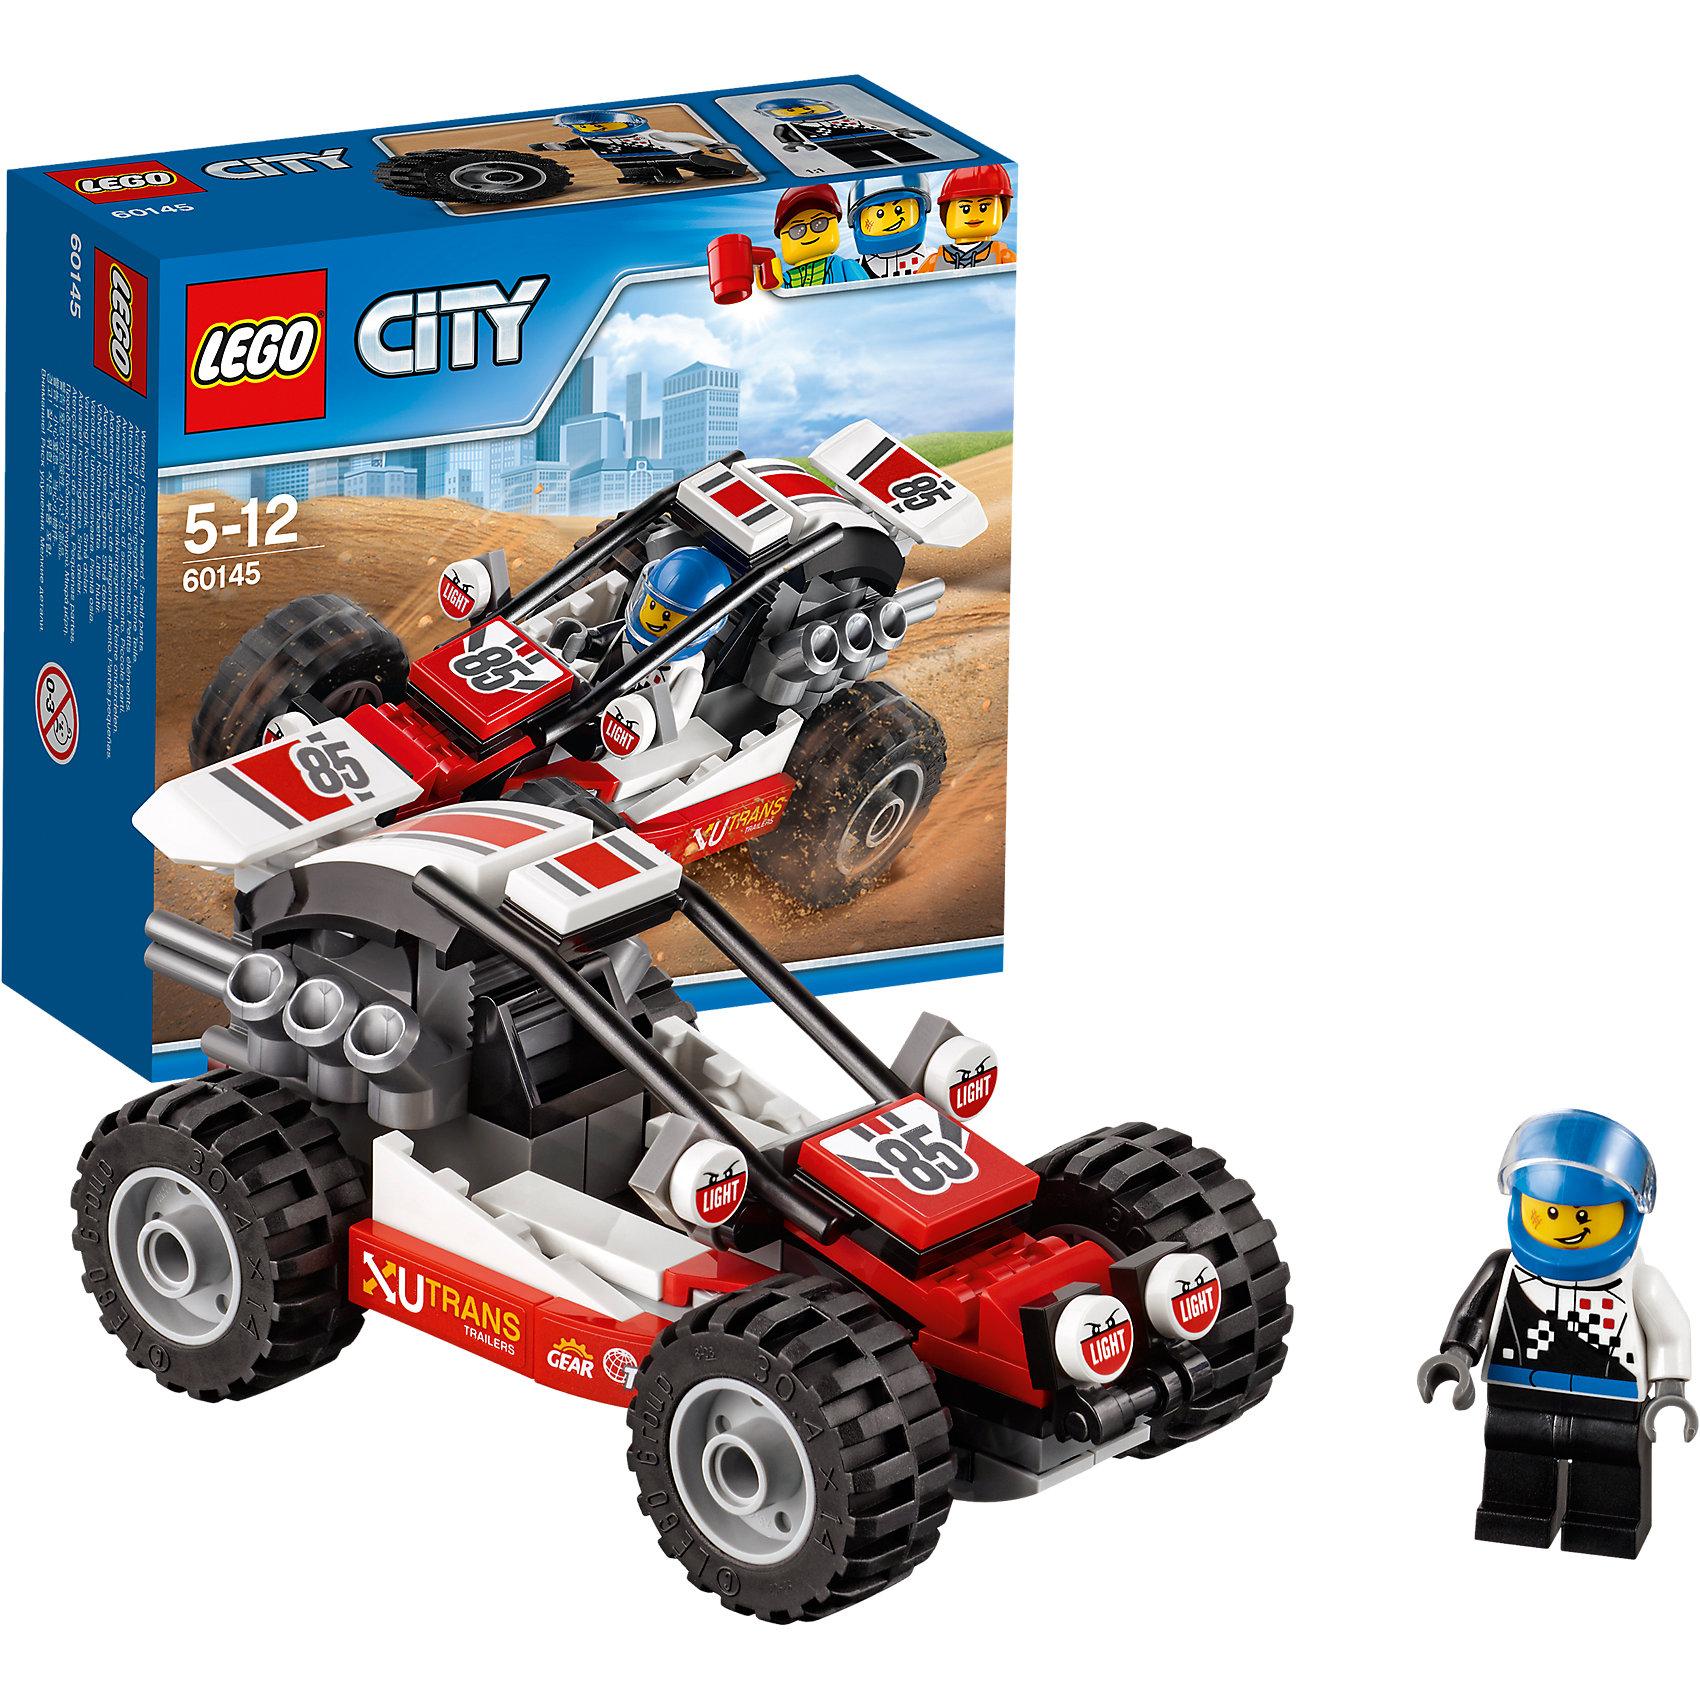 LEGO City 60145: БаггиLEGO City 60145: Багги<br><br>Характеристики:<br><br>- в набор входит: детали багги, наклейки для оформления, минифигурка, инструкция<br>- состав: пластик<br>- количество деталей: 81<br>- приблизительное время сборки: 20 минут<br>- размер коробки: 15 * 6 * 14 см.<br>- вес: 150 гр.<br>- размер багги: 12 * 6 * 6 см.<br>- для детей в возрасте: от 5 до 12 лет<br>- Страна производитель: Дания/Китай/Чехия<br><br>Легендарный конструктор LEGO (ЛЕГО) представляет серию «City» (Сити) в виде деталей жизни большого города, в котором есть абсолютно все. Серия делает игры еще более настоящими, благодаря отличным аксессуарам. Гонки на багги – очень популярный спорт в лего сити. Этот яркий гоночный багги со спортивным дизайном победил не в одной гонке! Очень интересные детали мотора, турбин и рельефных колес выделяют багги этого набора. Датели отлично смотрятся как на этой модели, так и на будущих самодельных вариантах передвижных средств. Кабина водителя защищена прочными трубами. Сам водитель отлично детализирован и качественно прорисован. Его сине-черный комбинезон отлично сочетается со шлемом безопасности. Стекло шлема поднимается и опускается, а сам шлем можно снимать. Этот интересный набор отлично подойдет как новичкам Лего, так и преданным фанатам и коллекционерам серии. Моделируй разные истории и ситуации в Лего Сити, а в процессе игры развивай творческие способности и претворяй свои идеи в жизнь.<br><br>Конструктор LEGO City 60145: Багги можно купить в нашем интернет-магазине.<br><br>Ширина мм: 157<br>Глубина мм: 61<br>Высота мм: 141<br>Вес г: 169<br>Возраст от месяцев: 60<br>Возраст до месяцев: 144<br>Пол: Мужской<br>Возраст: Детский<br>SKU: 5002463